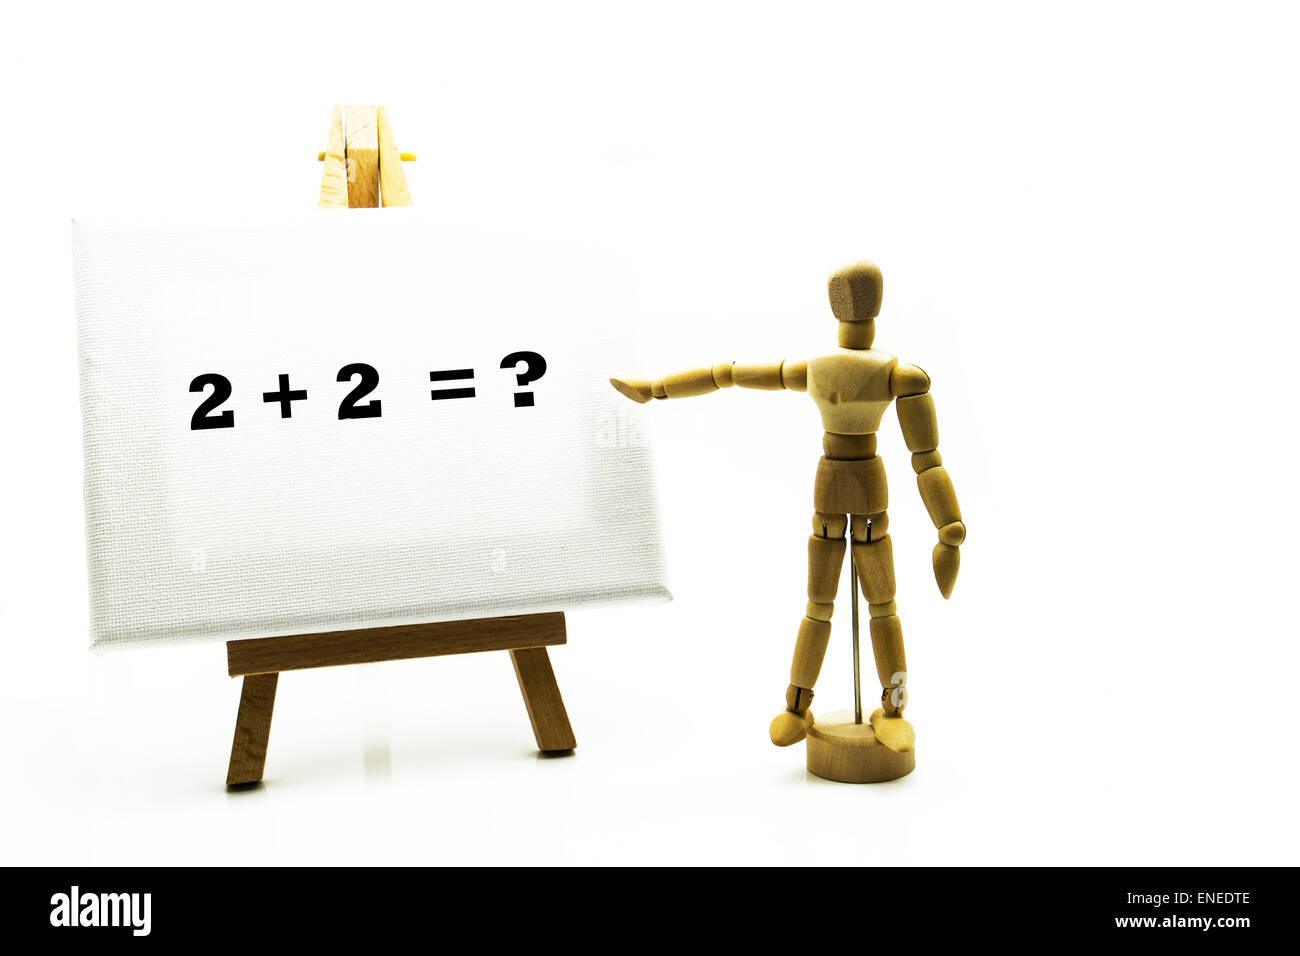 Homme de bois avec tableau blanc pointant mots '2 + 2 =?' somme sommes d'information Photo Stock